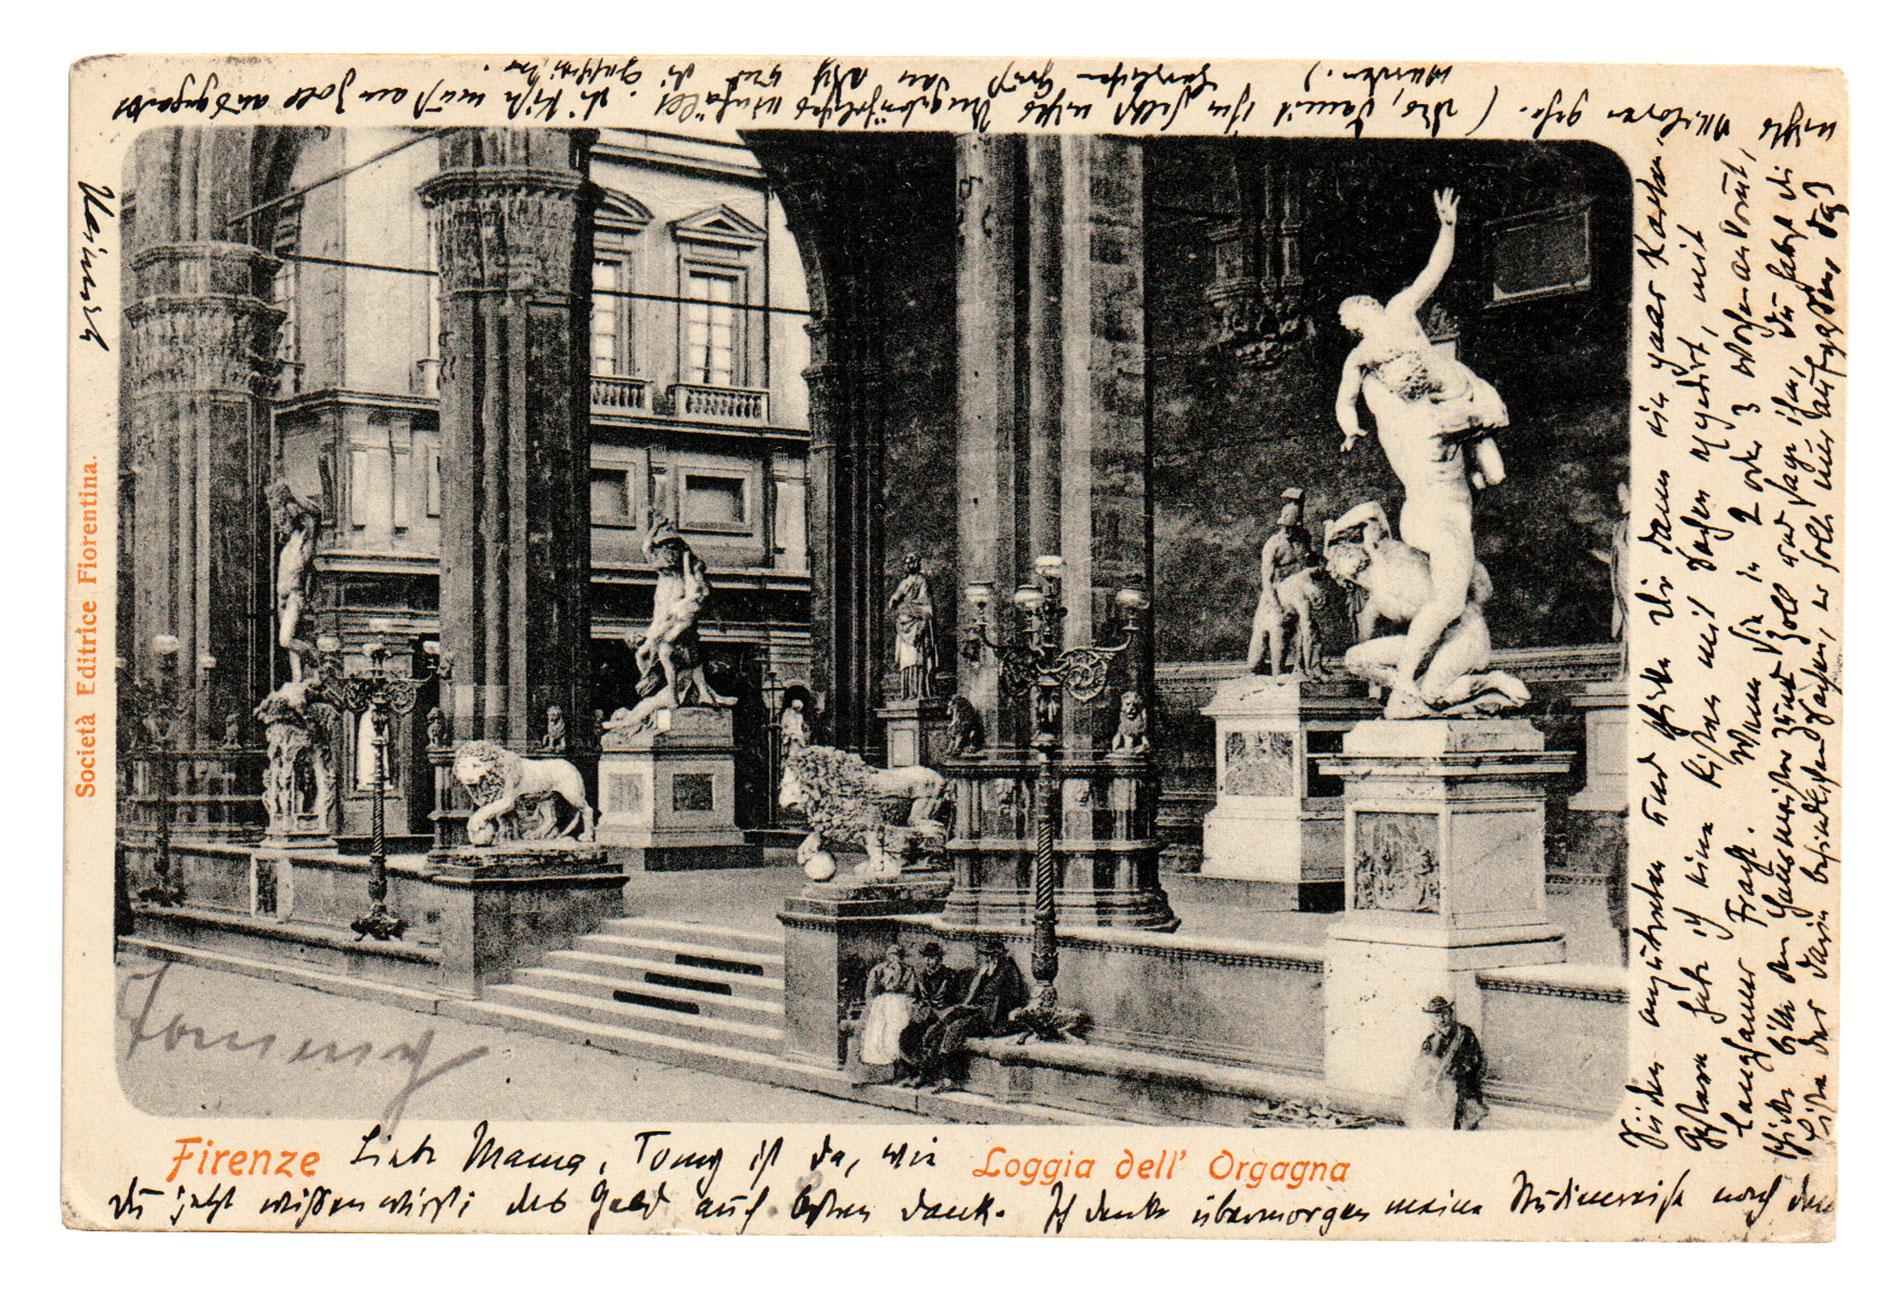 Postkarte von Heinrich Mann an seine Mutter Julia Mann vom 28.3.1901; Buddenbrookhaus, Lübeck